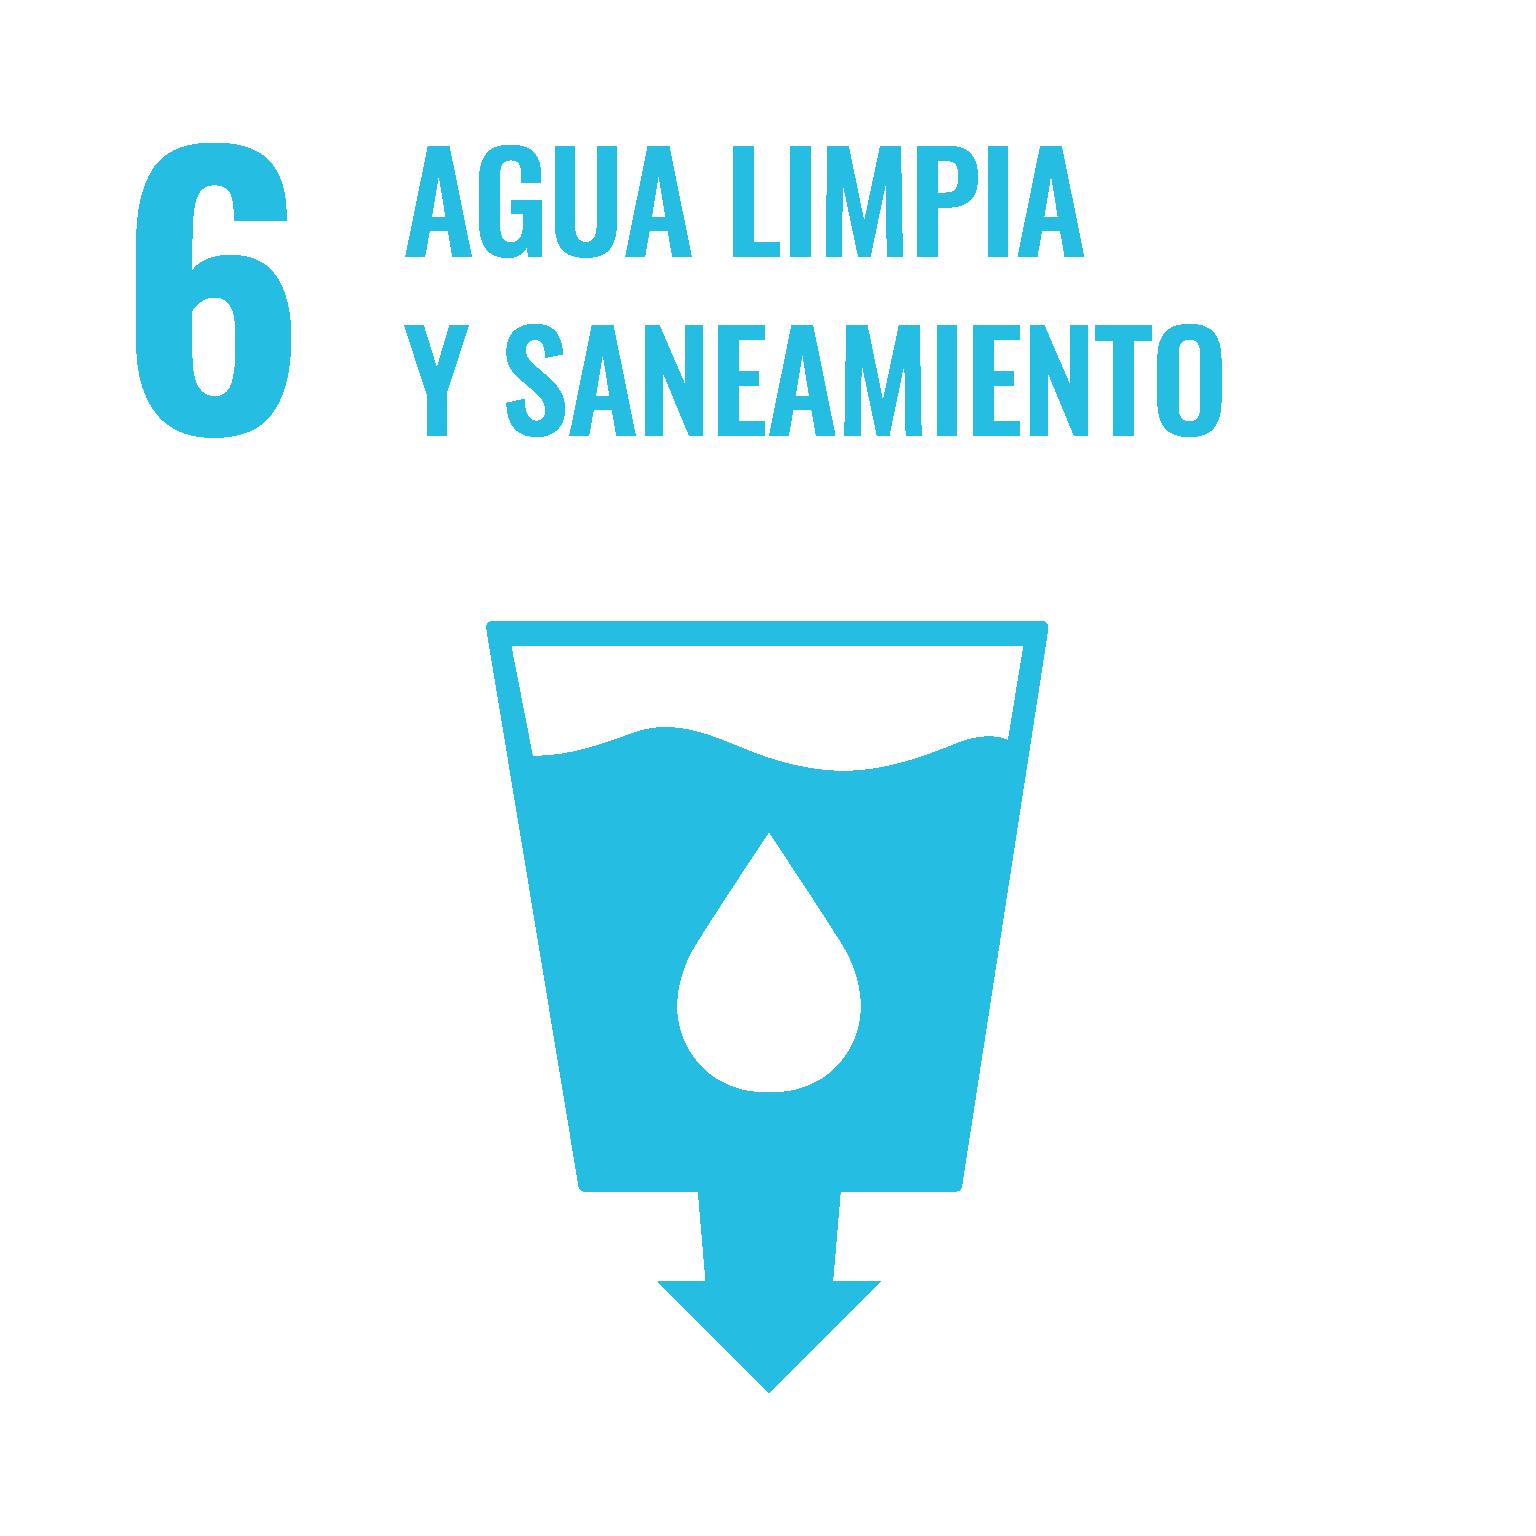 Objetivos onu agua limpia y saneamiento